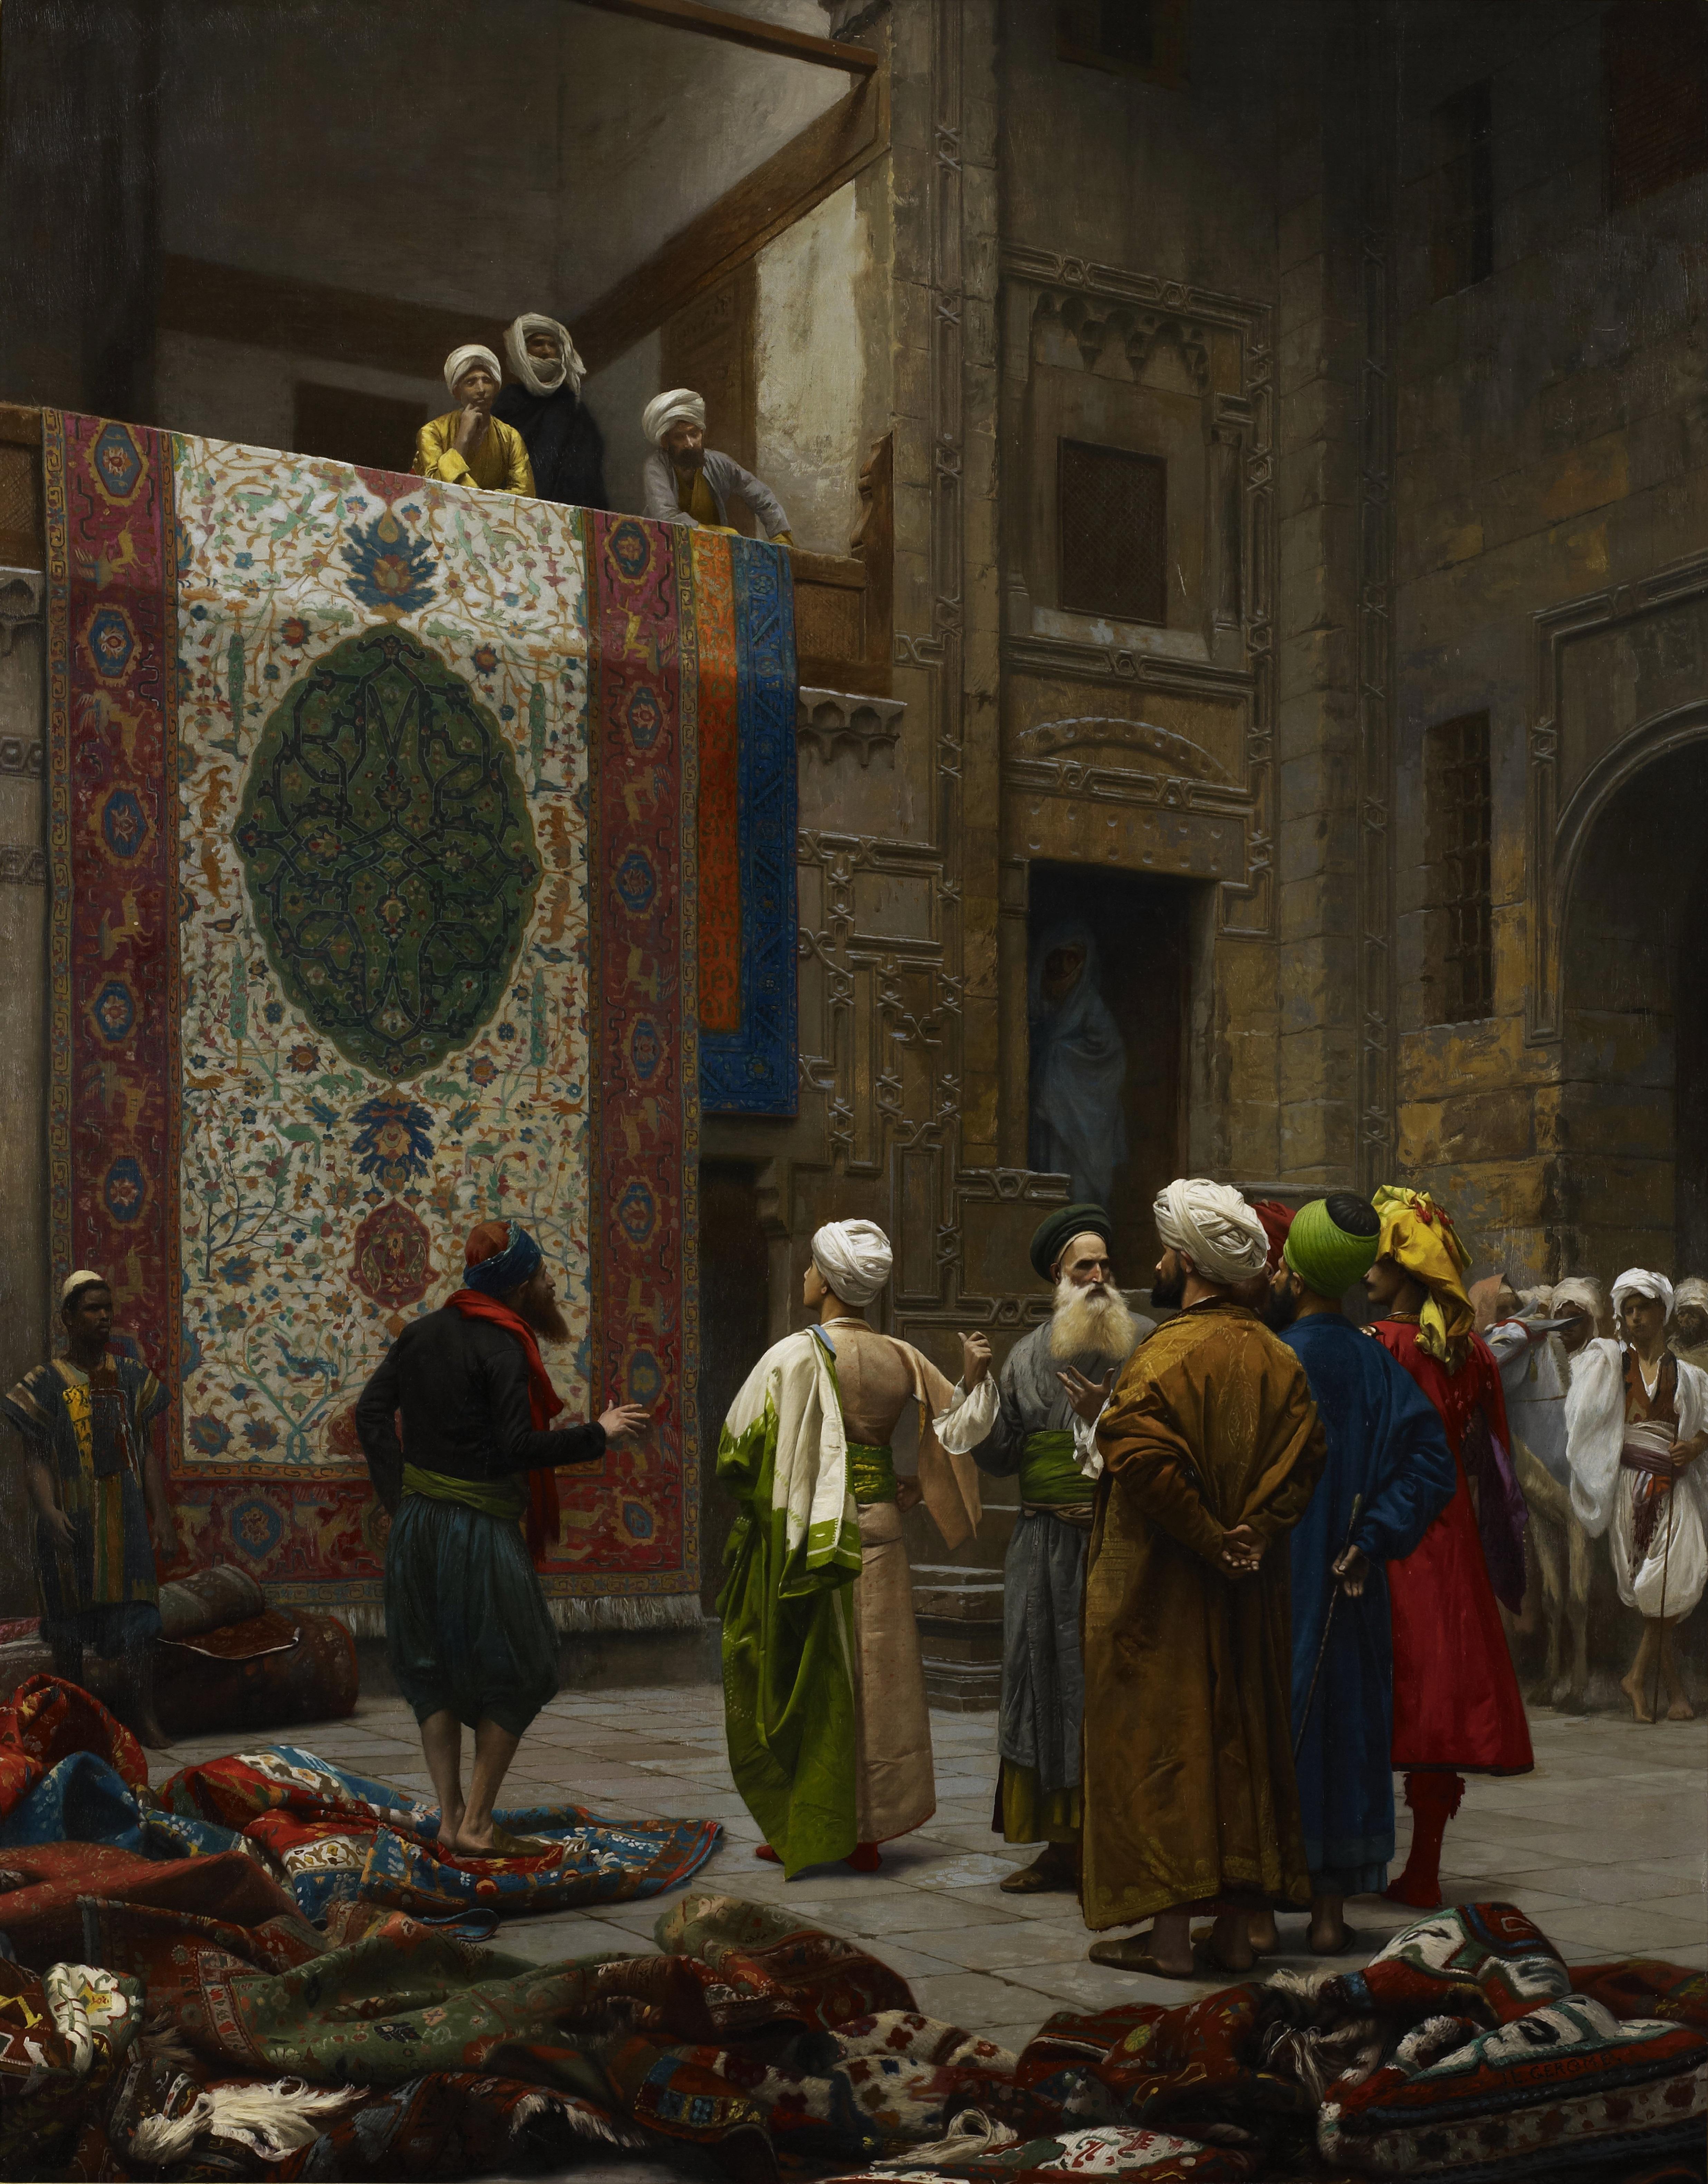 The Carpet Merchant - Jean-Léon Gérôme